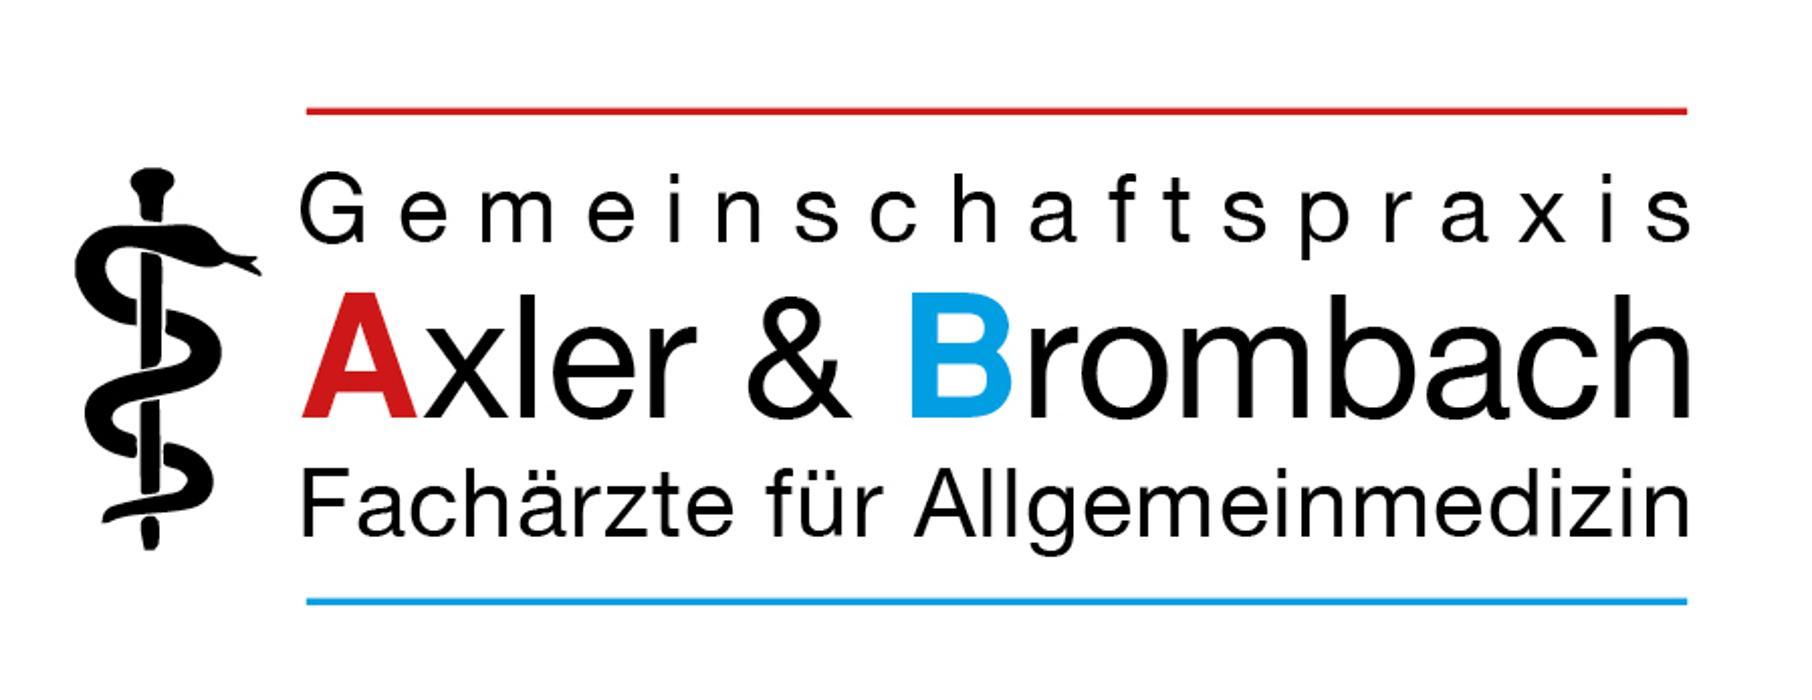 Arztpraxis Axler & Brombach